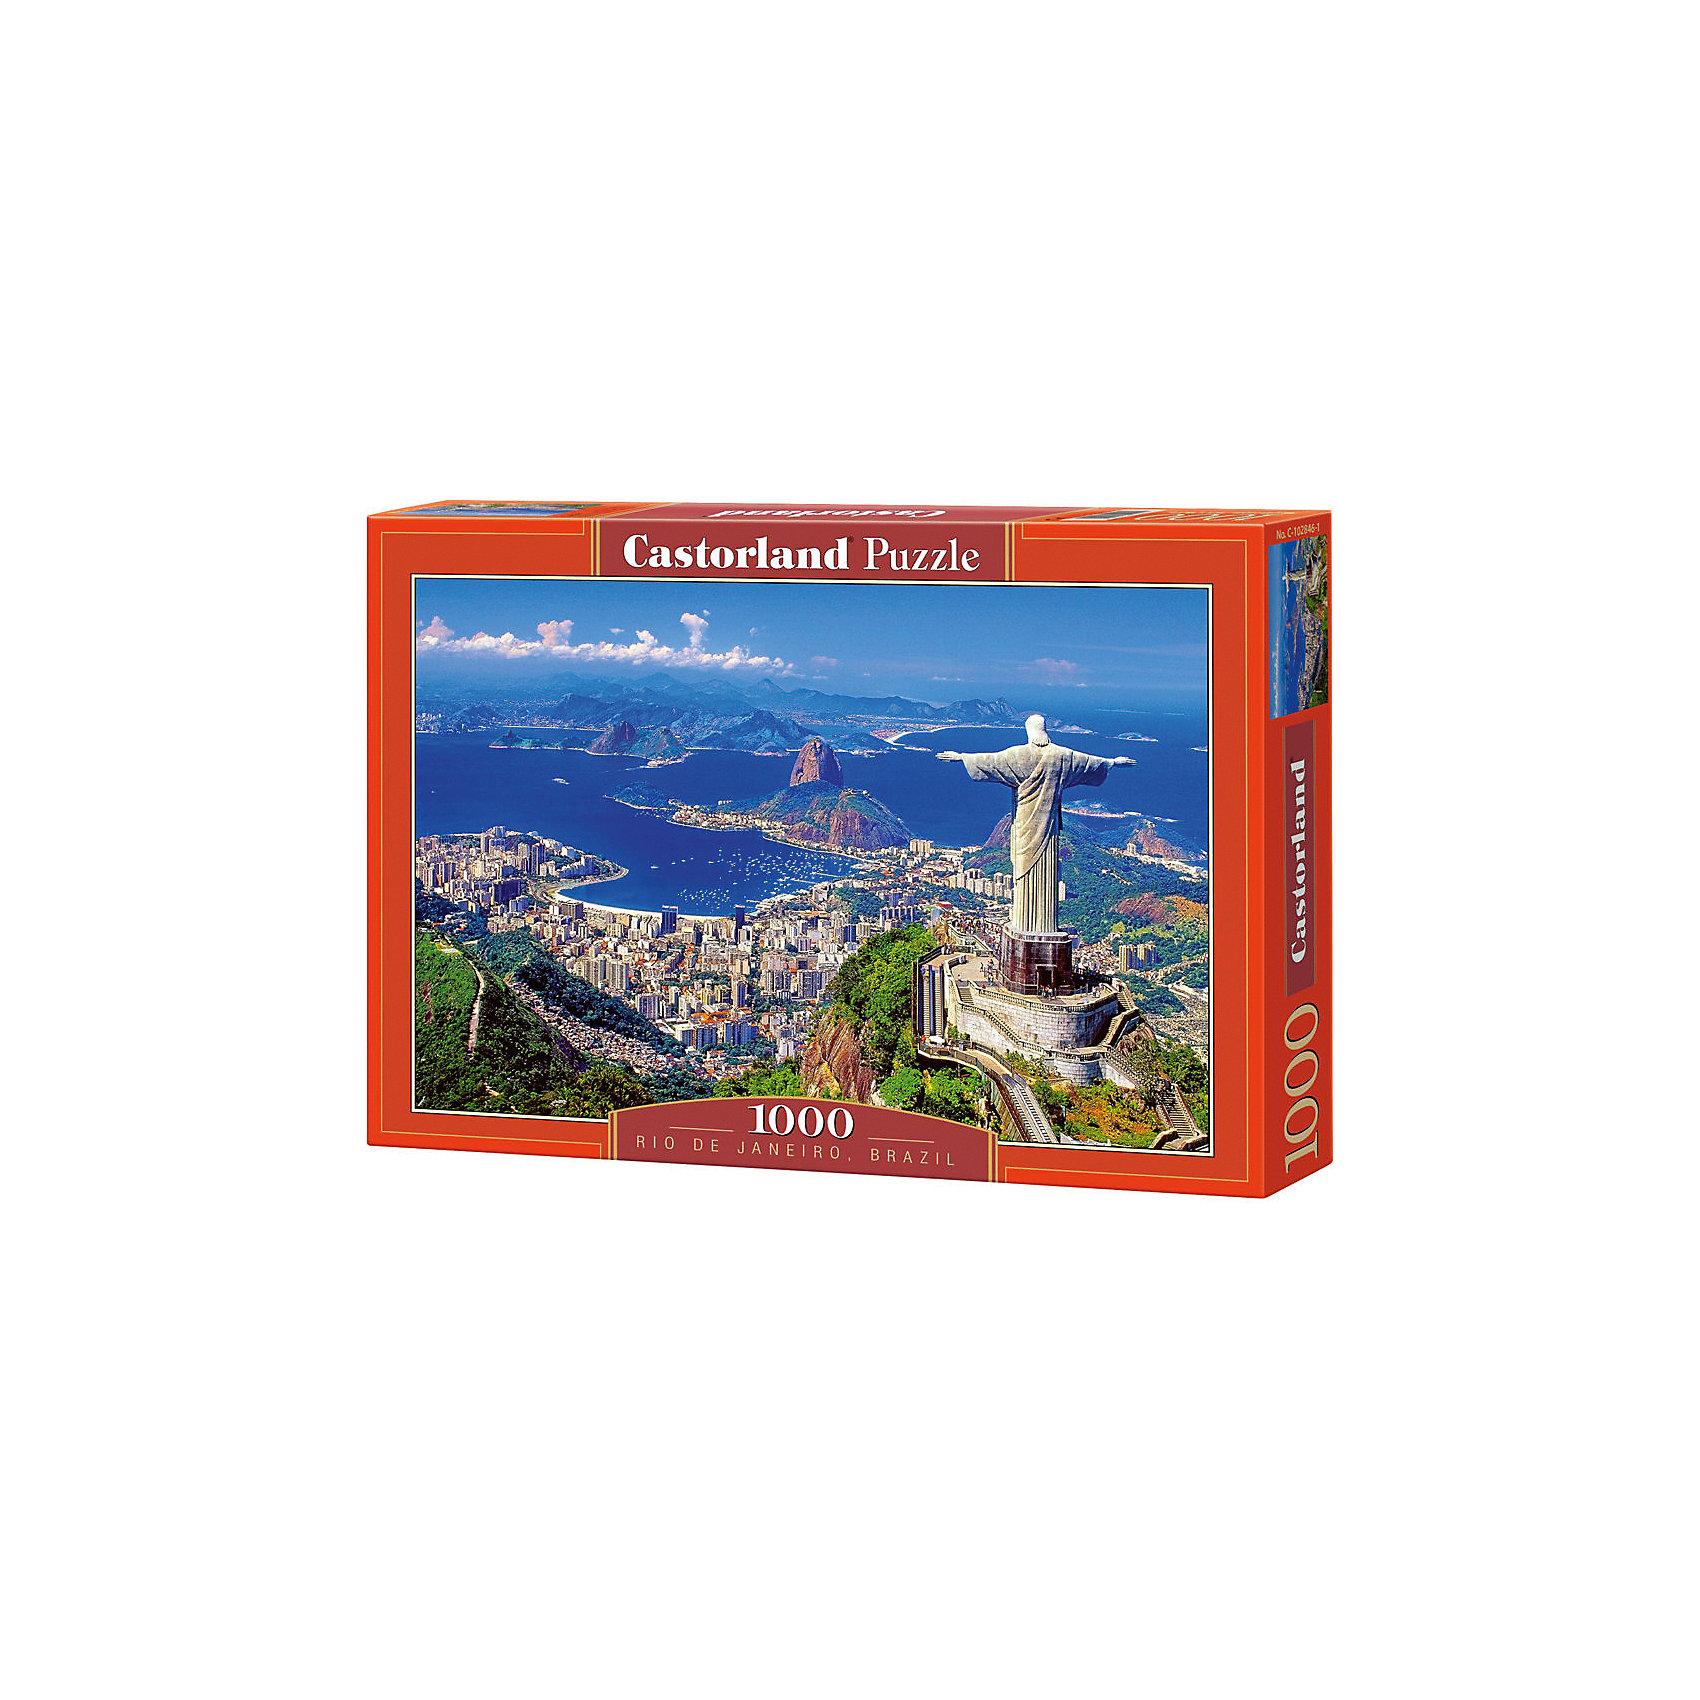 Настольная игра Рио-де-Жанейро, Пазл 1000 деталей